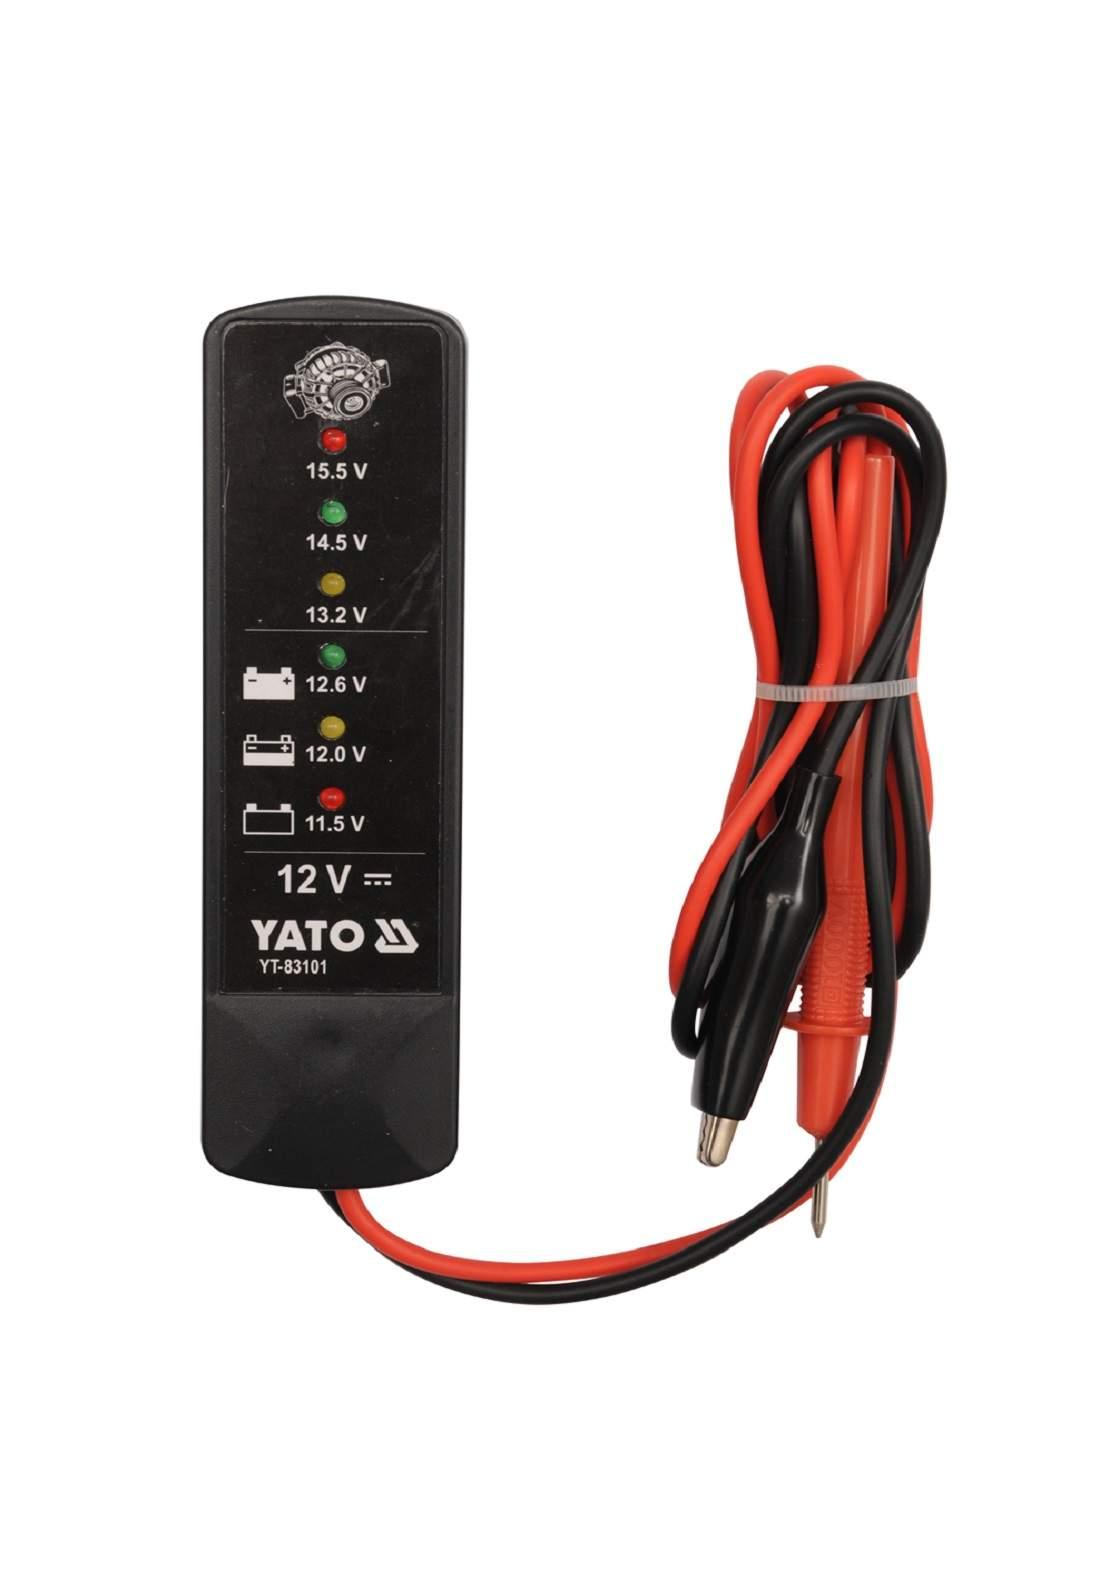 Yato YT-83101 Battery Tester 12 v جهاز اختبار جهد البطارية